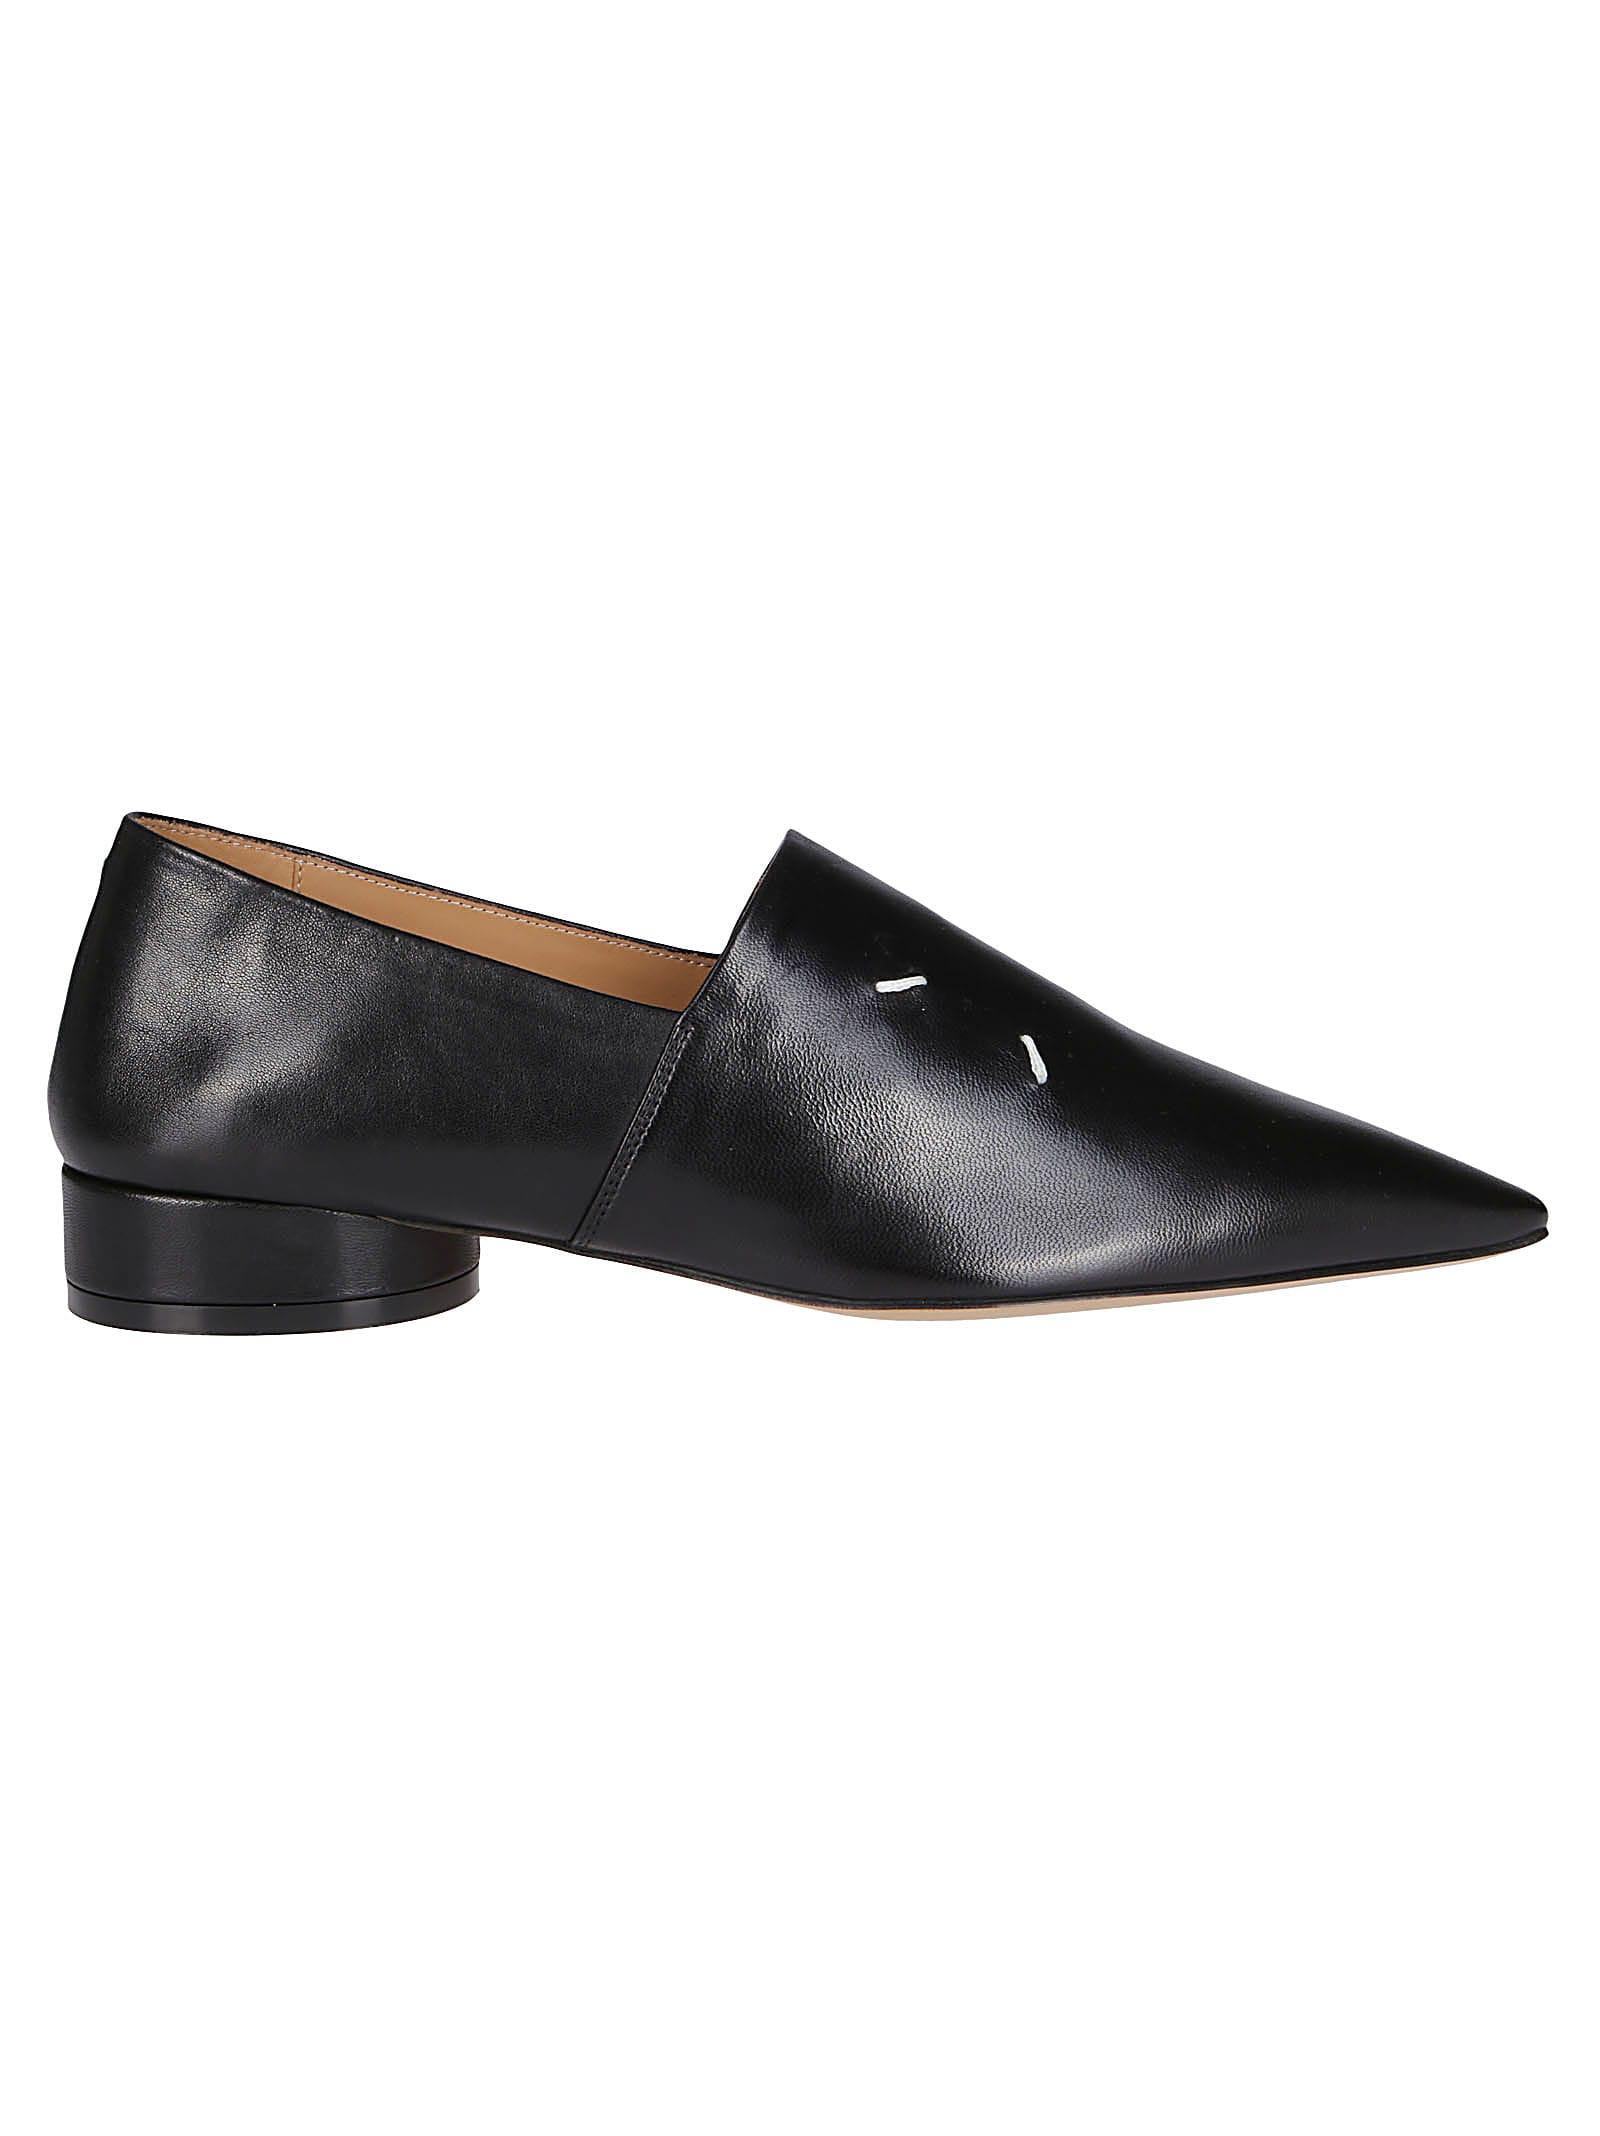 Maison Margiela Black Leather Loafers